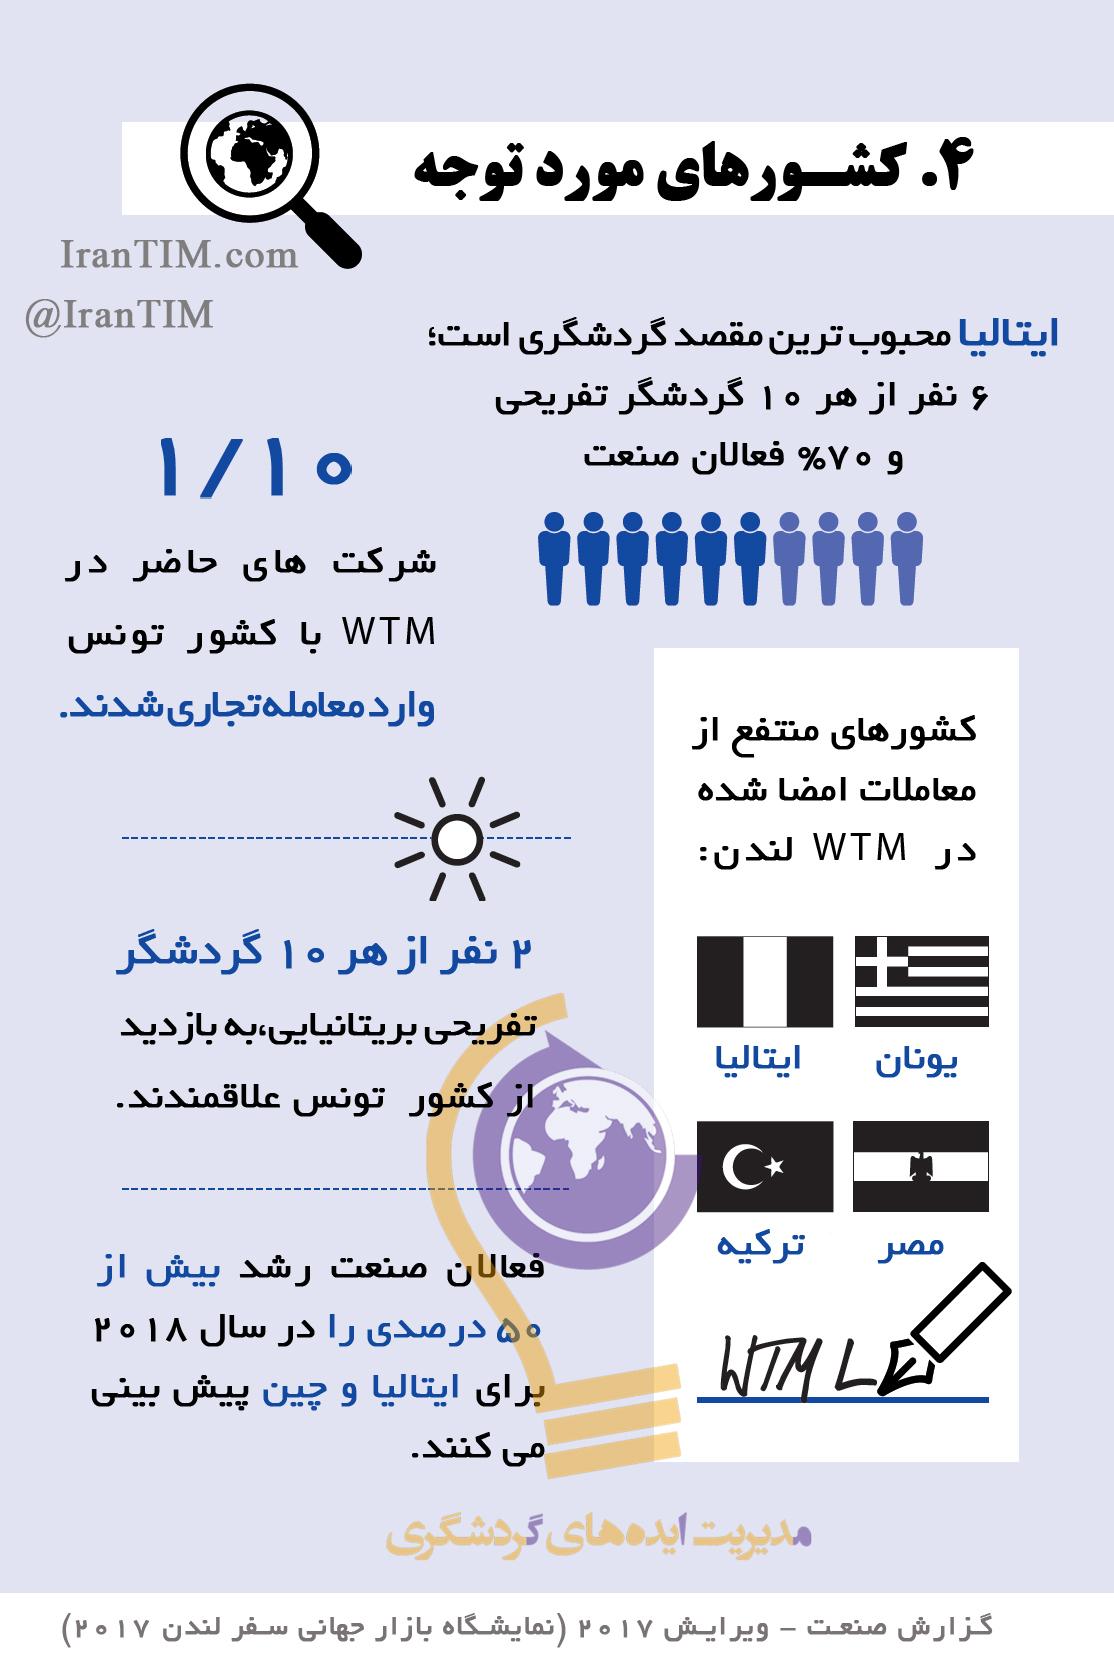 گزارش صنعت گردشگری نمایشگاه بازار جهانی سفر محبوب ترین مقاصد گردشگری ایتالیا یونان مصر ترکیه تونس تور